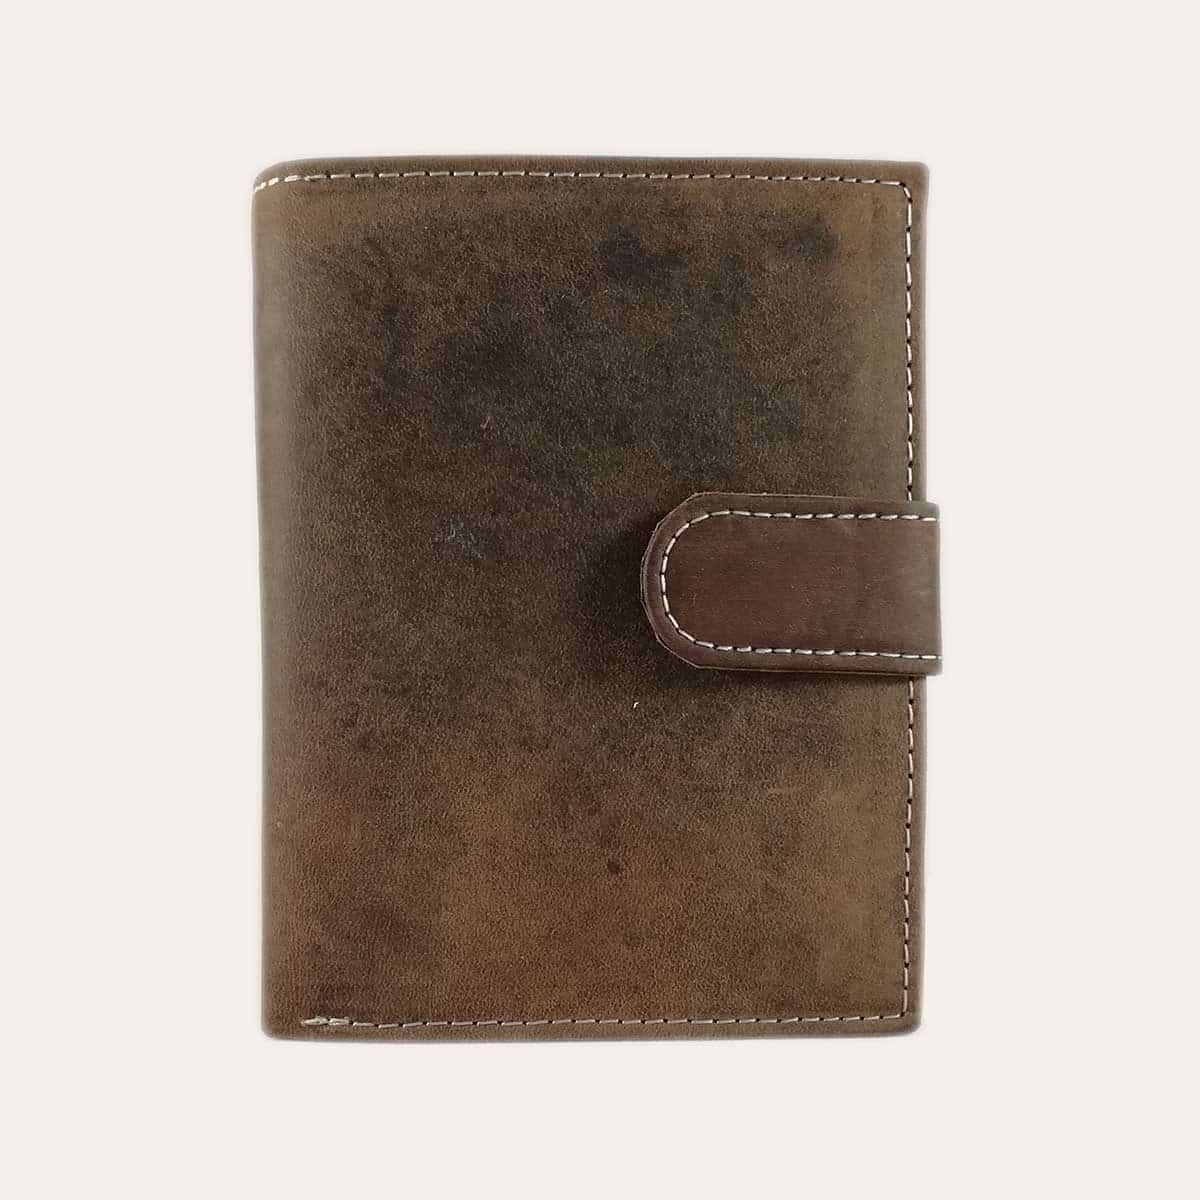 Pánská kožená peněženka Kochmanski hnědá se zapínáním RFID